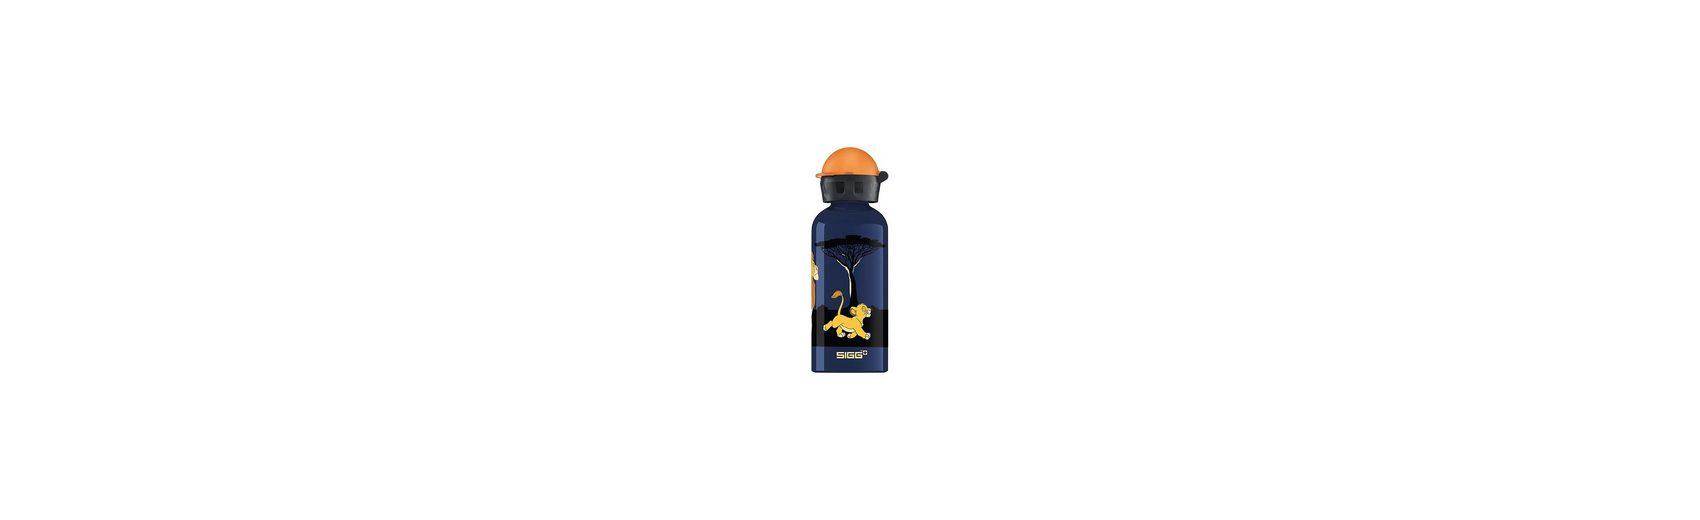 SIGG Alu-Trinkflasche König der Löwen, 400 ml